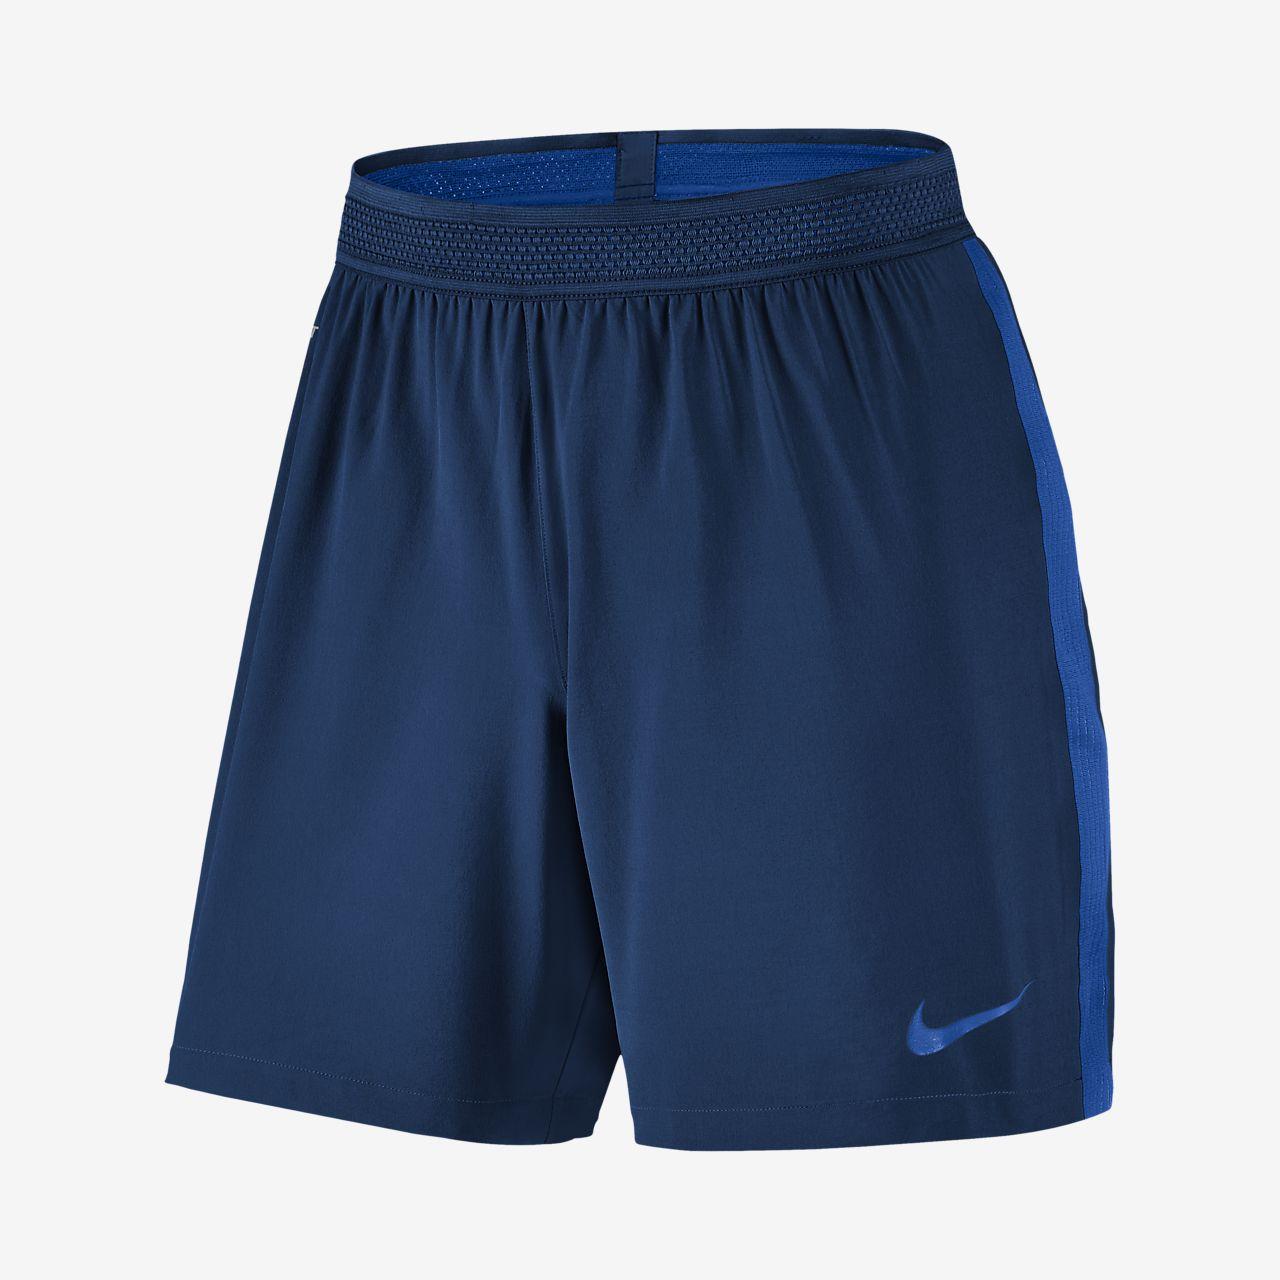 Short de football Nike Flex Strike pour Homme